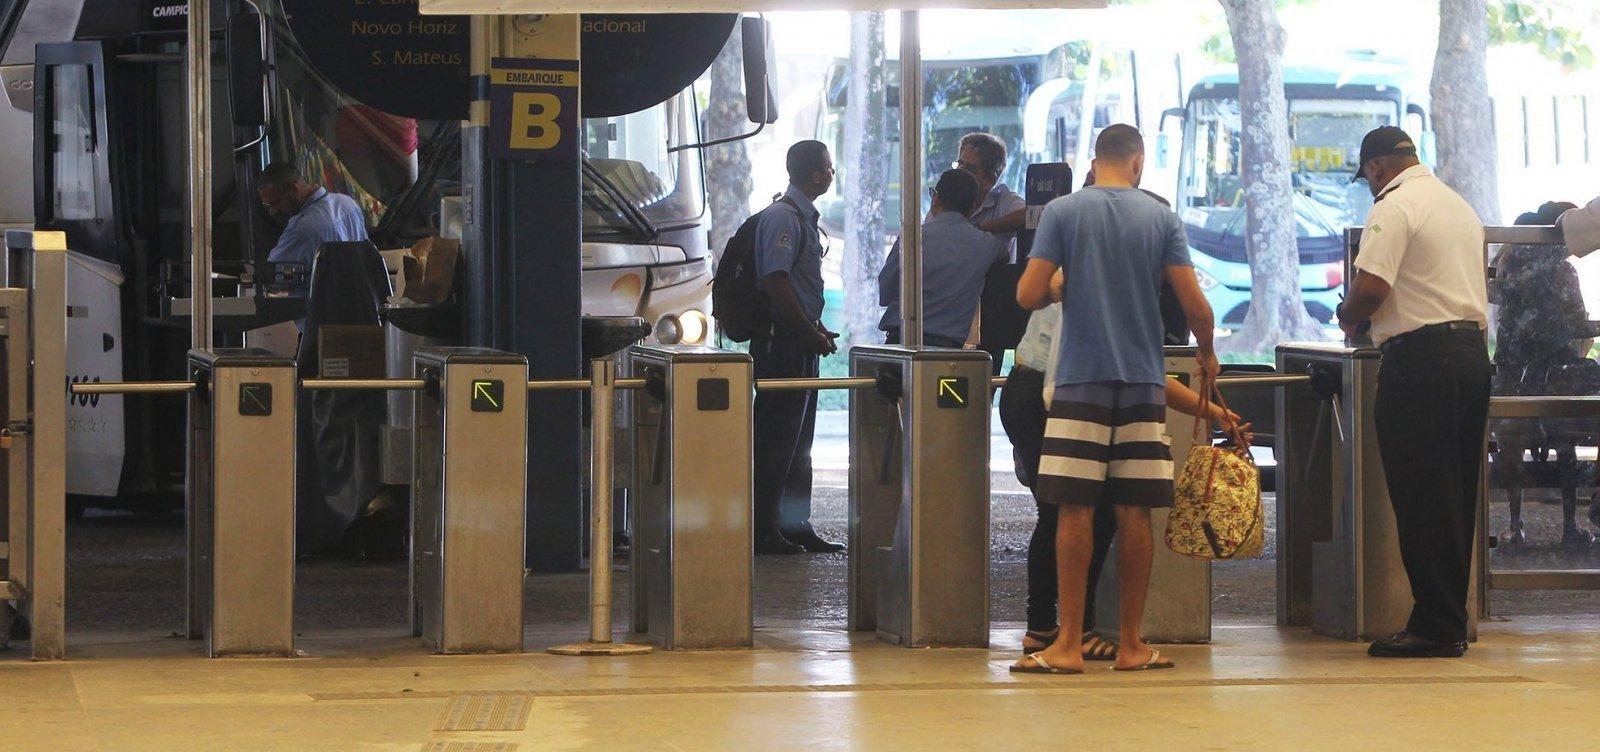 [Mais sete cidades baianas adotam suspensão de transporte intermunicipal]